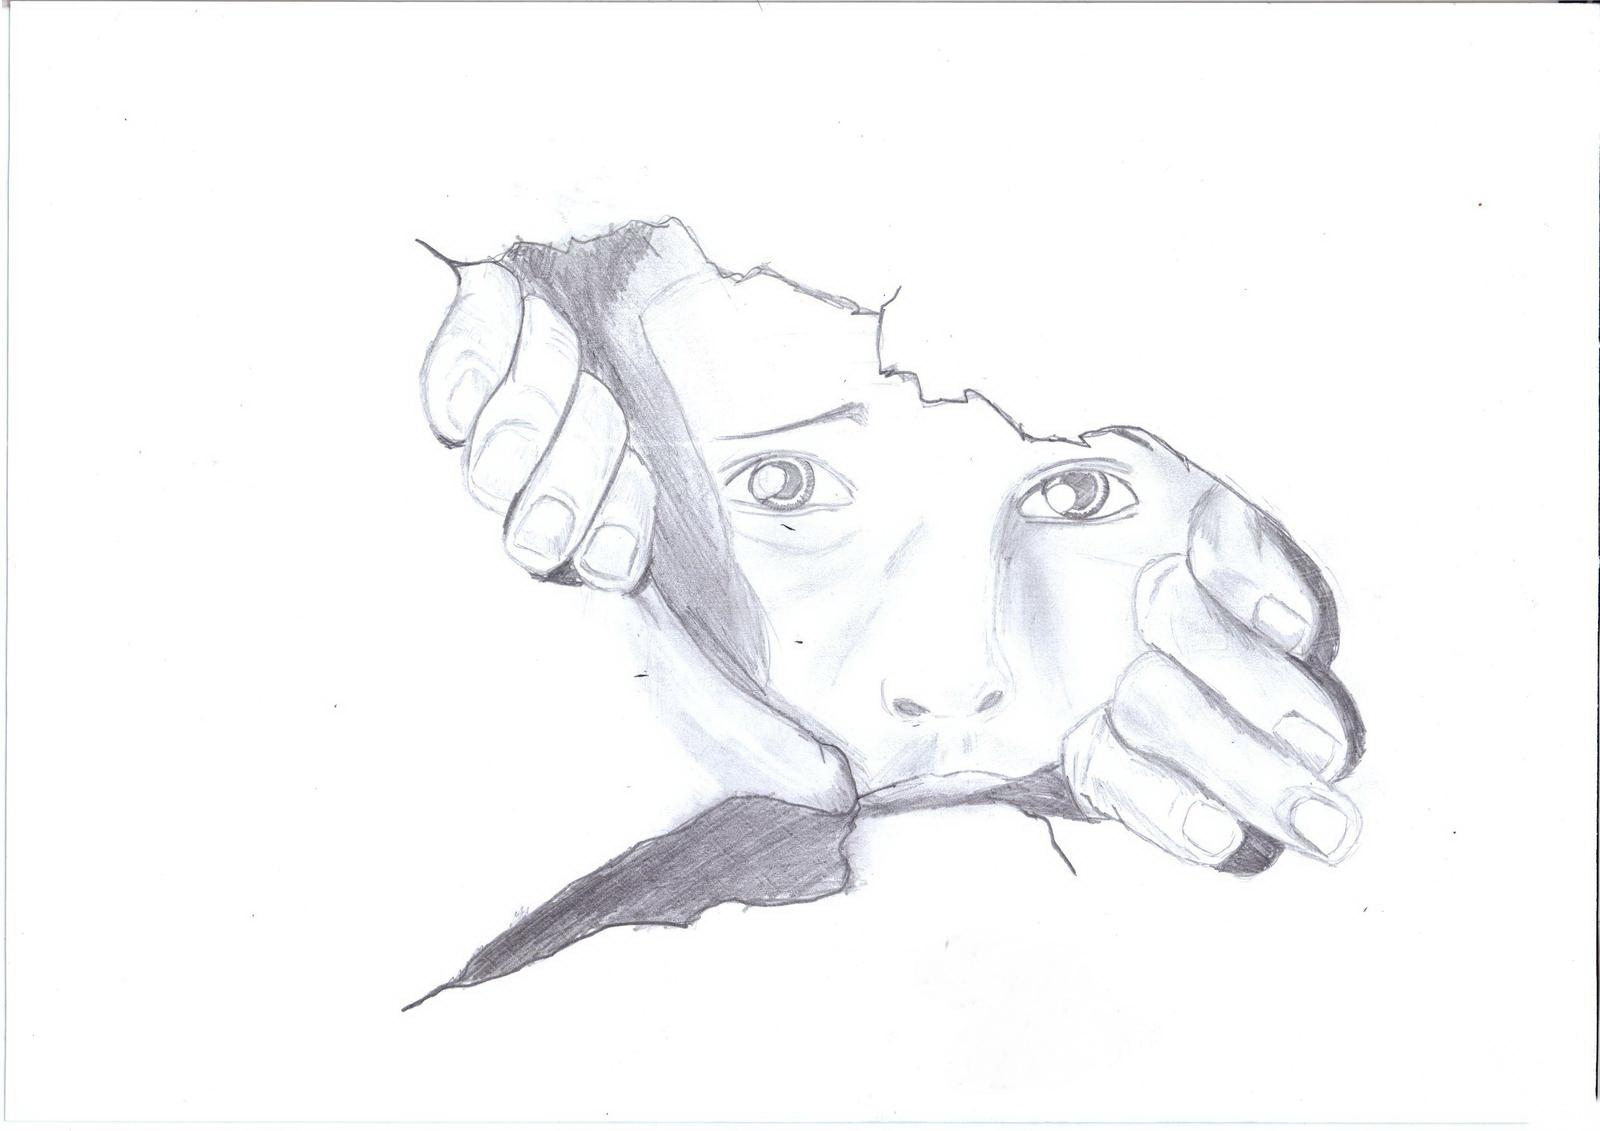 еще, нарисовать поэтапно грустные картинки или клубника самое